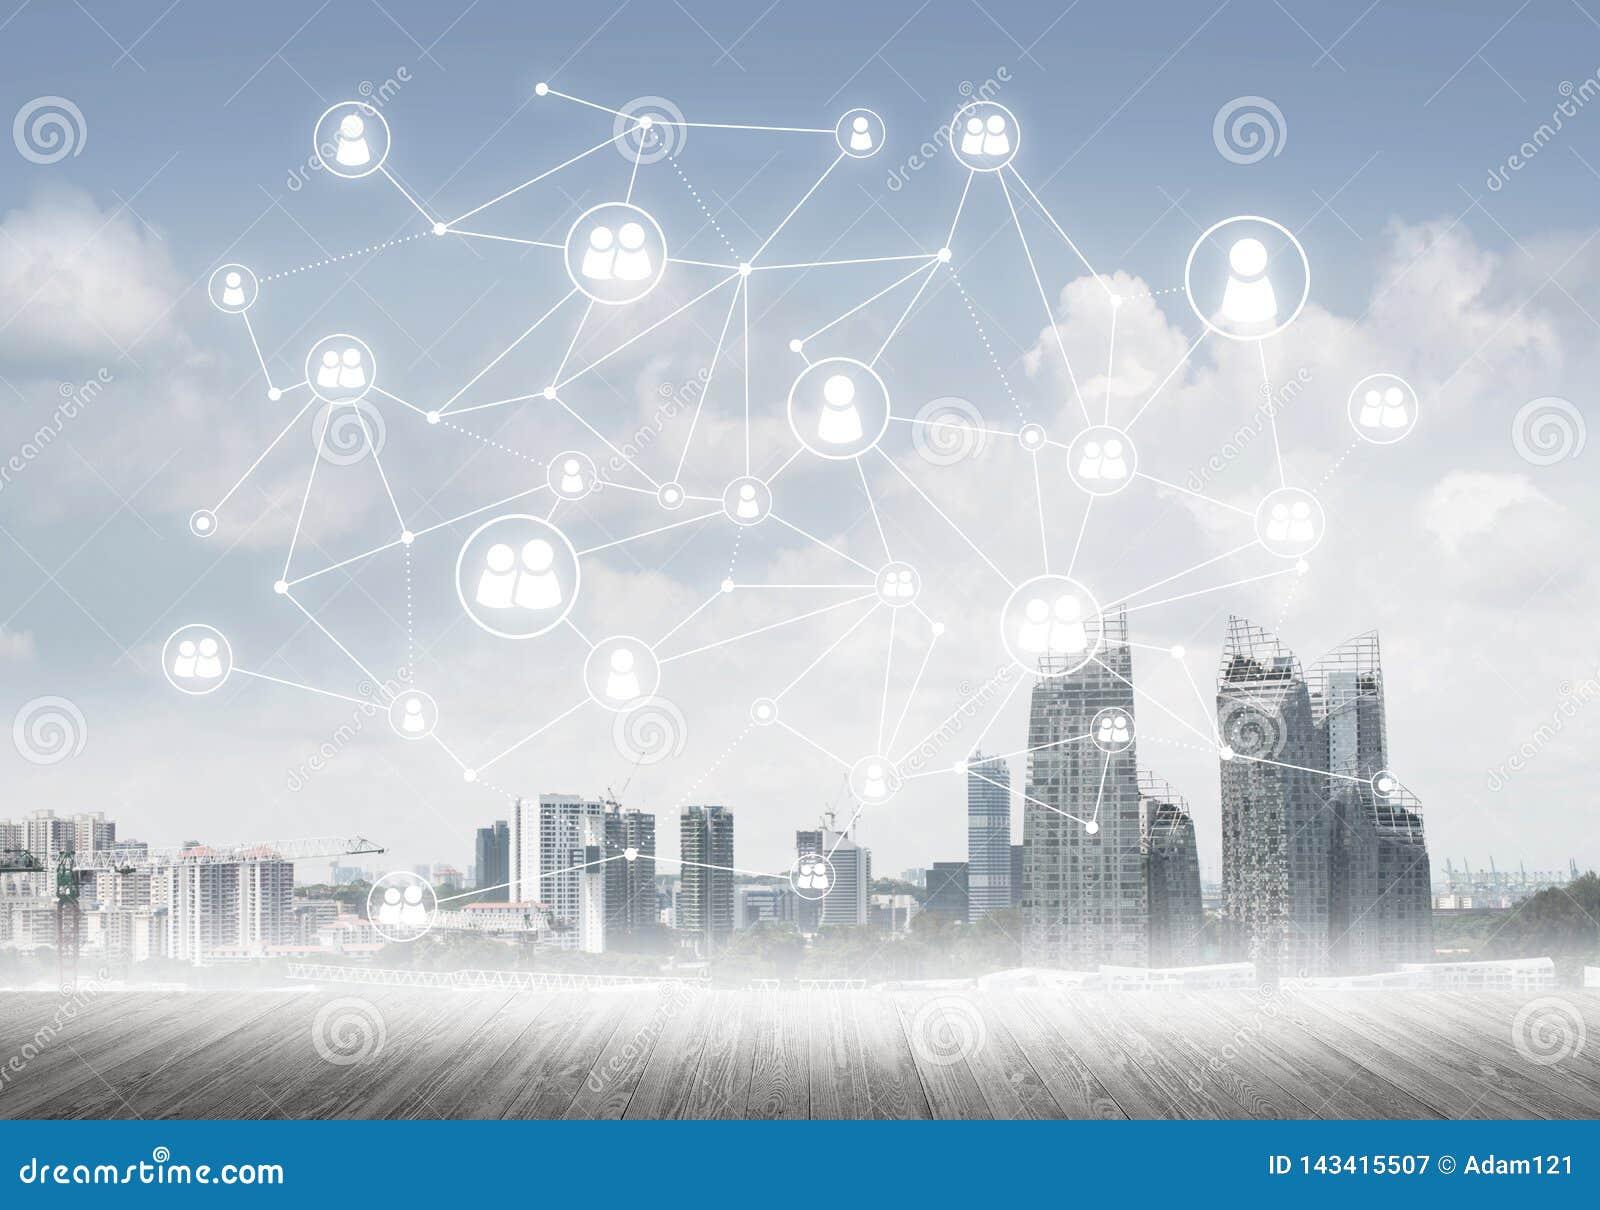 Δικτύωση και κοινωνική επικοινωνία ως μέσα για την αποτελεσματική επιχειρησιακή στρατηγική